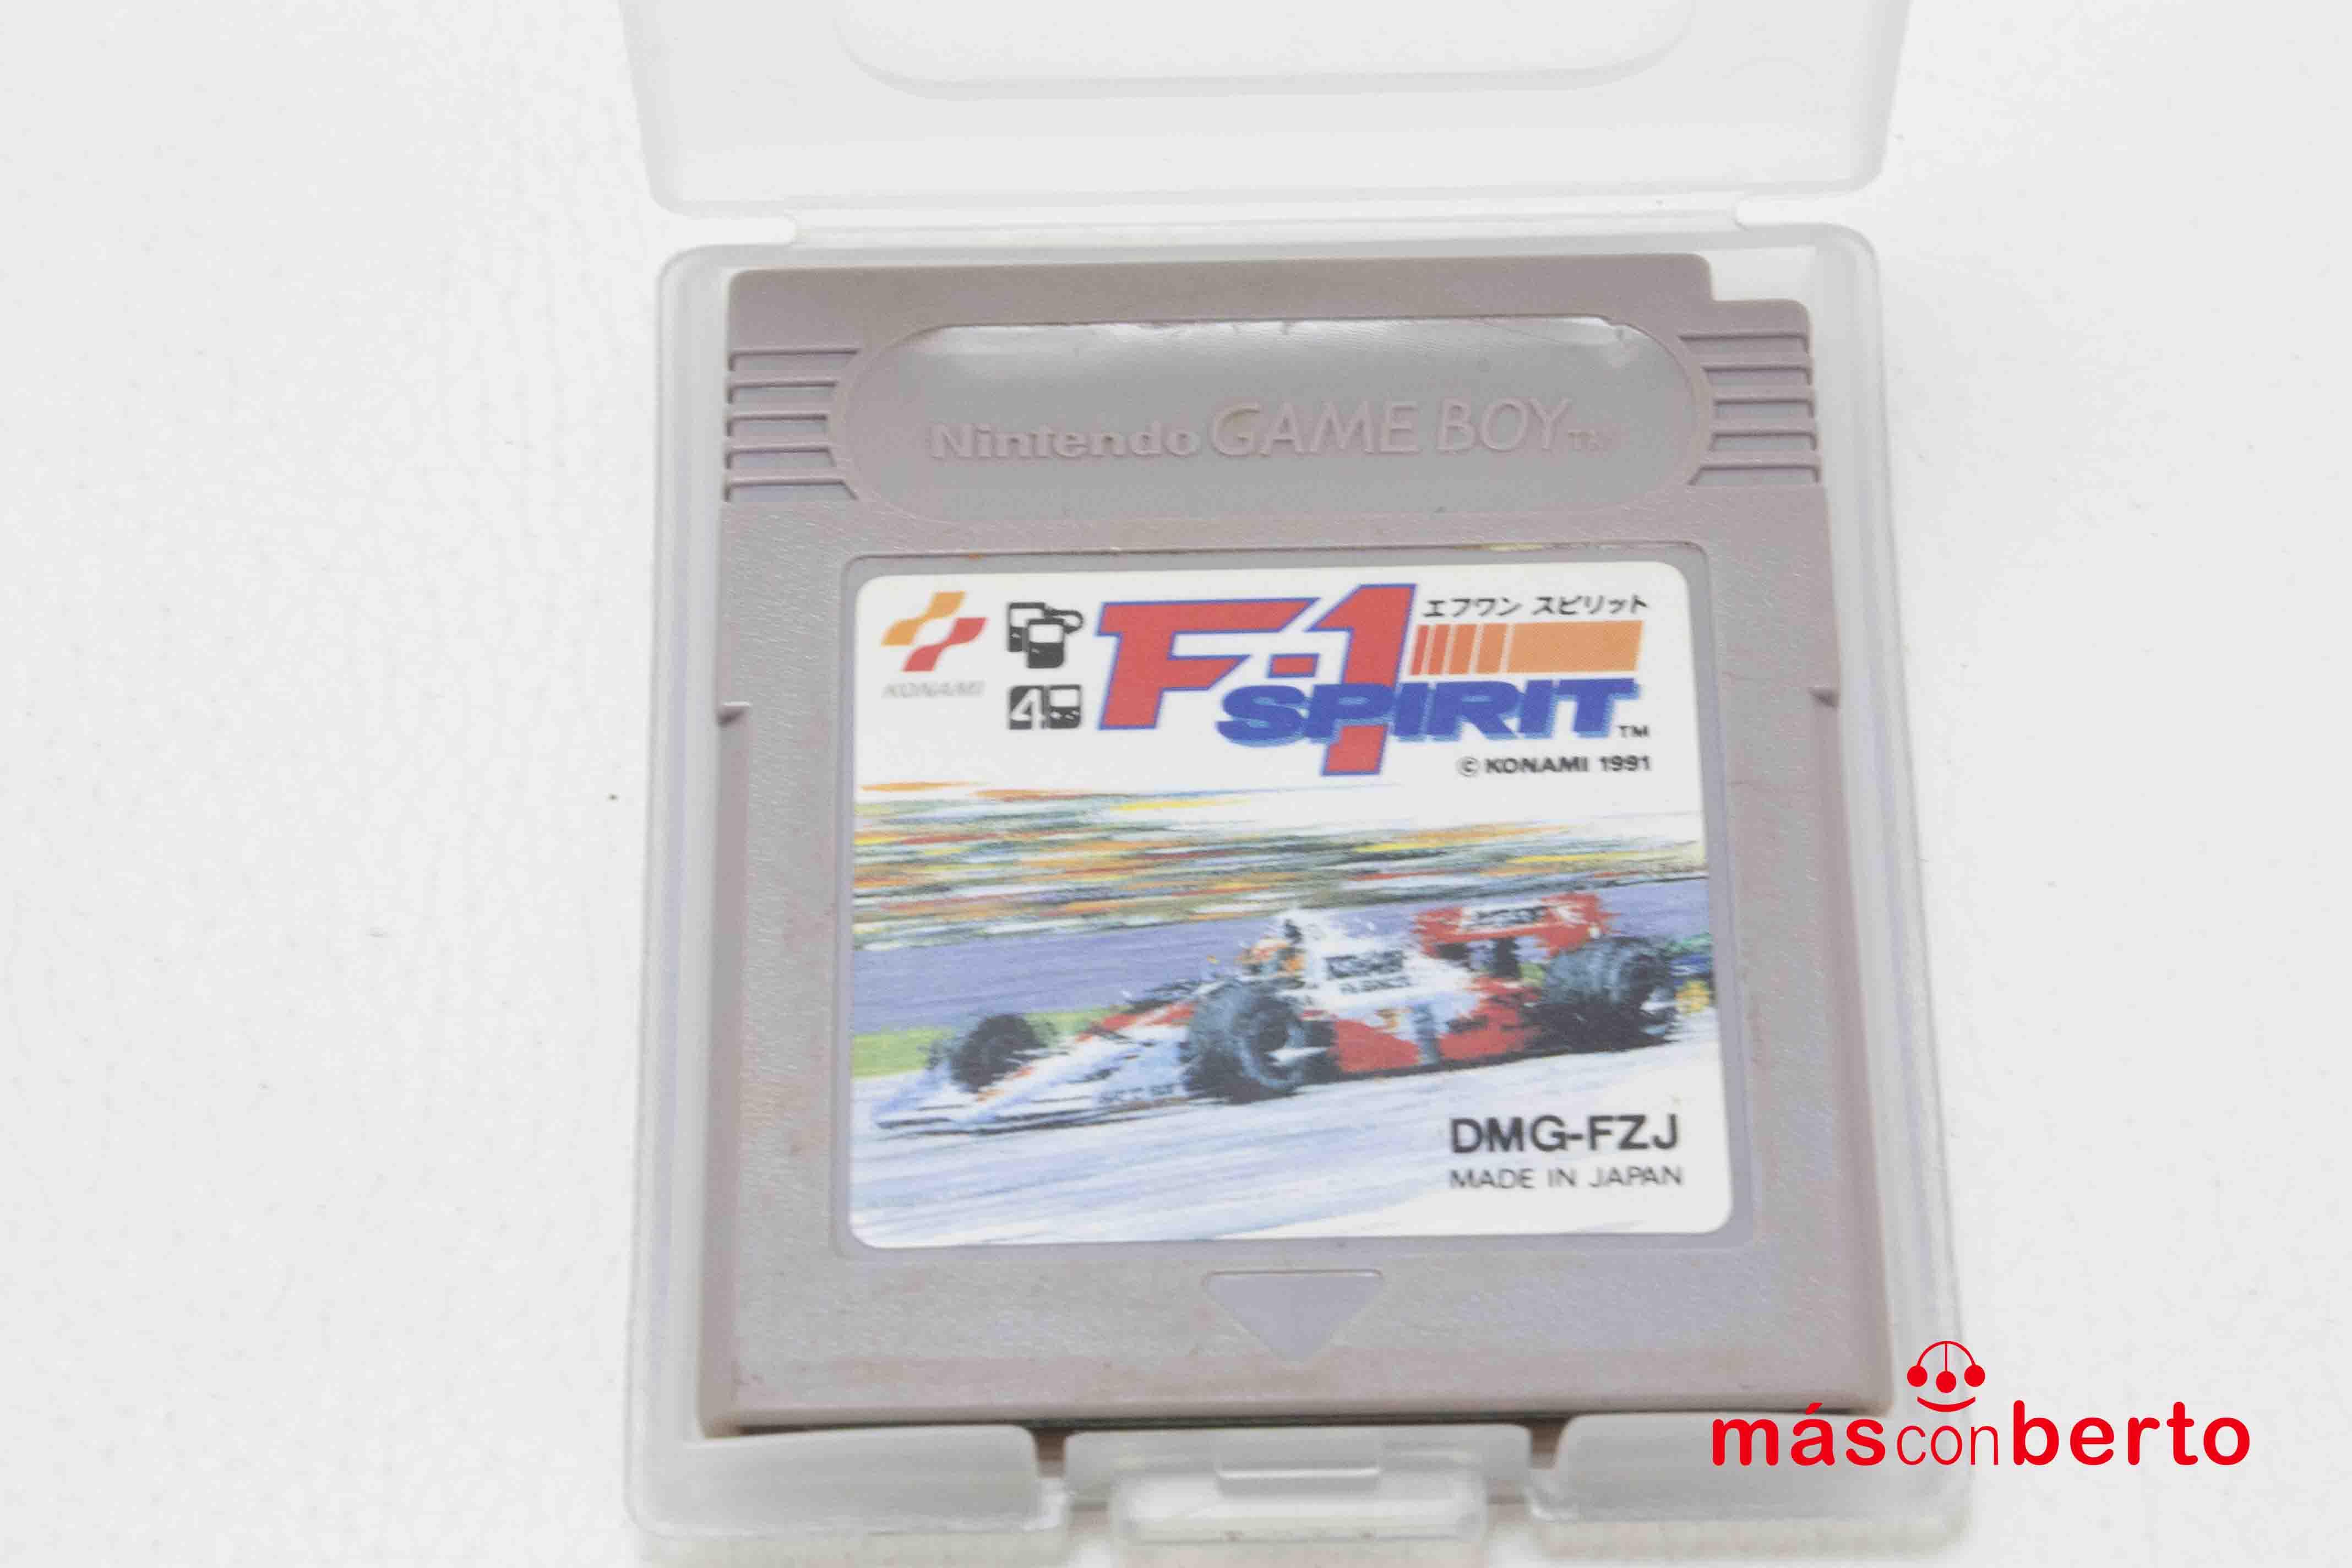 Juego Game Boy F1 SPIRIT